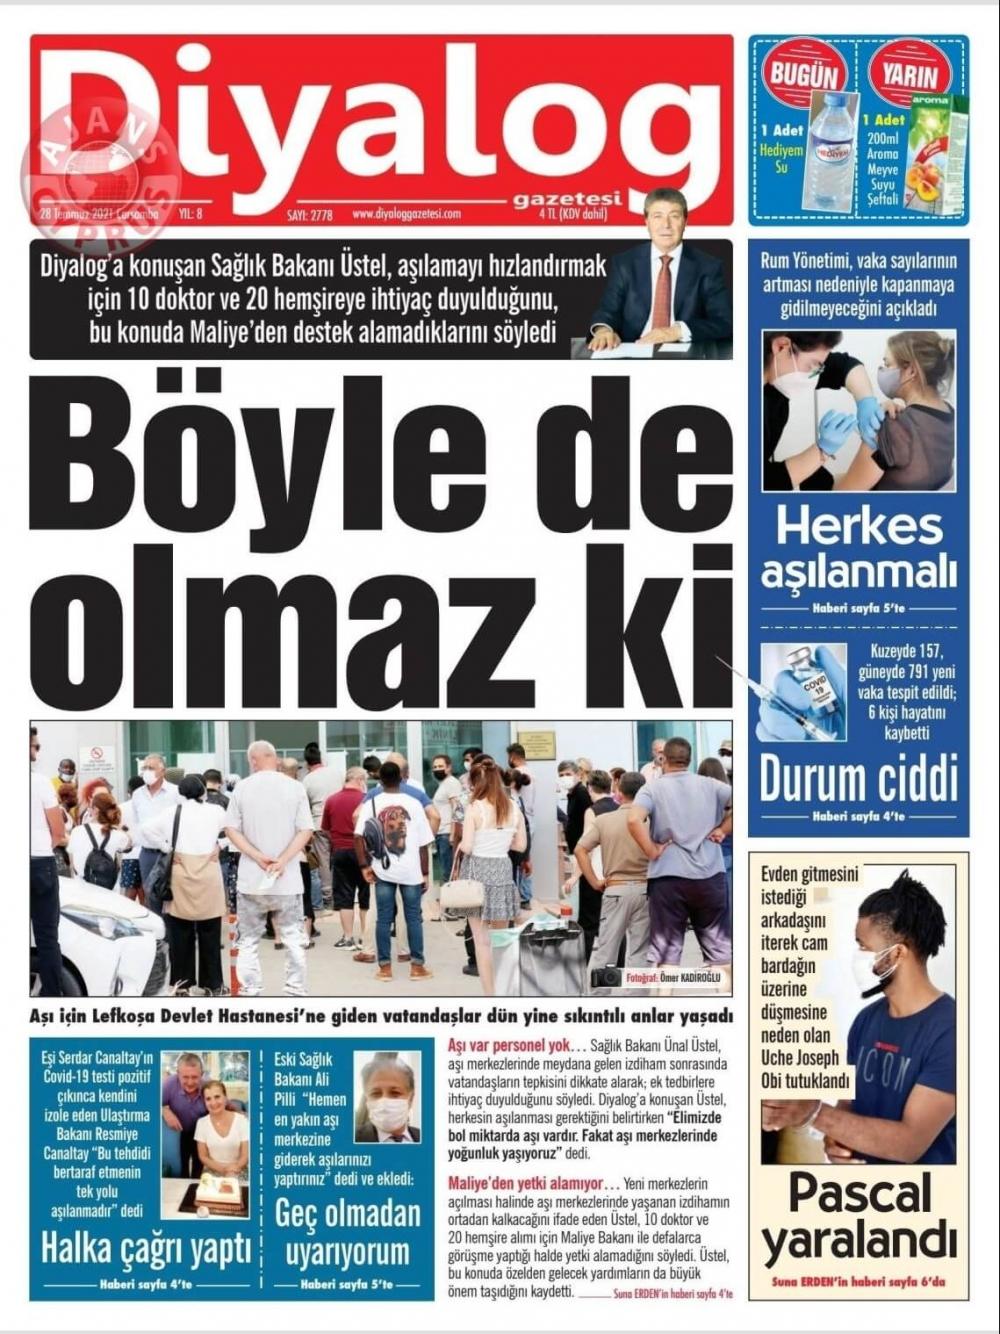 KKTC'de Gazeteler Bugün Ne Manşet Attı? (28 Temmuz 2021) galerisi resim 4